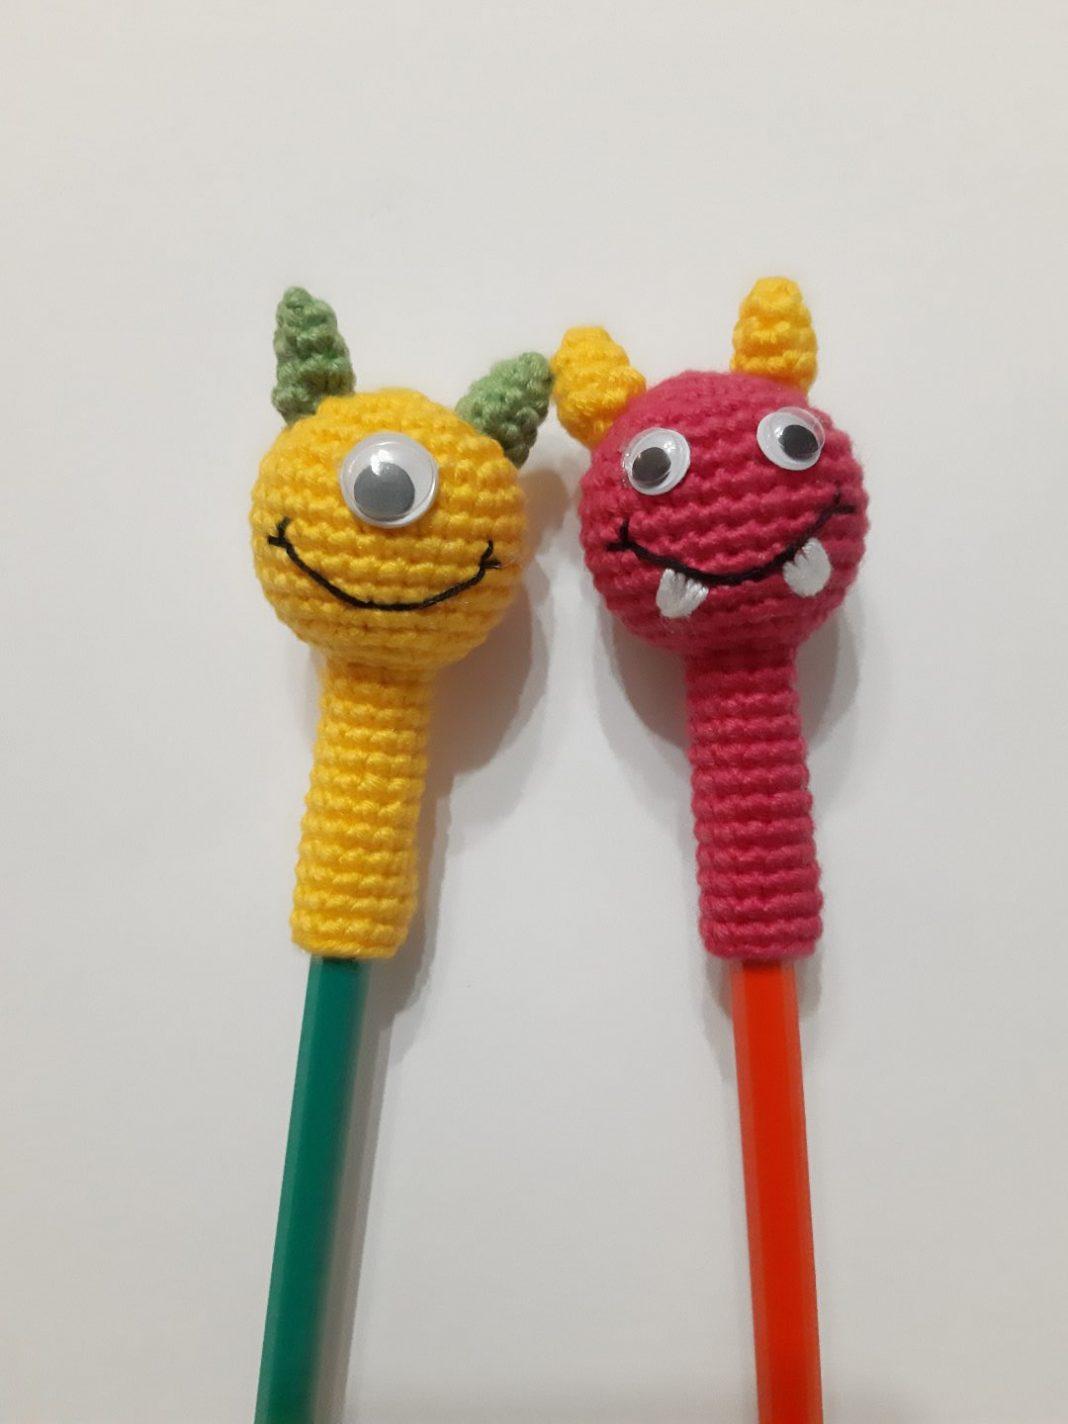 amigurumi-sevimli-canavarlar-kalem-basligi-yapimi